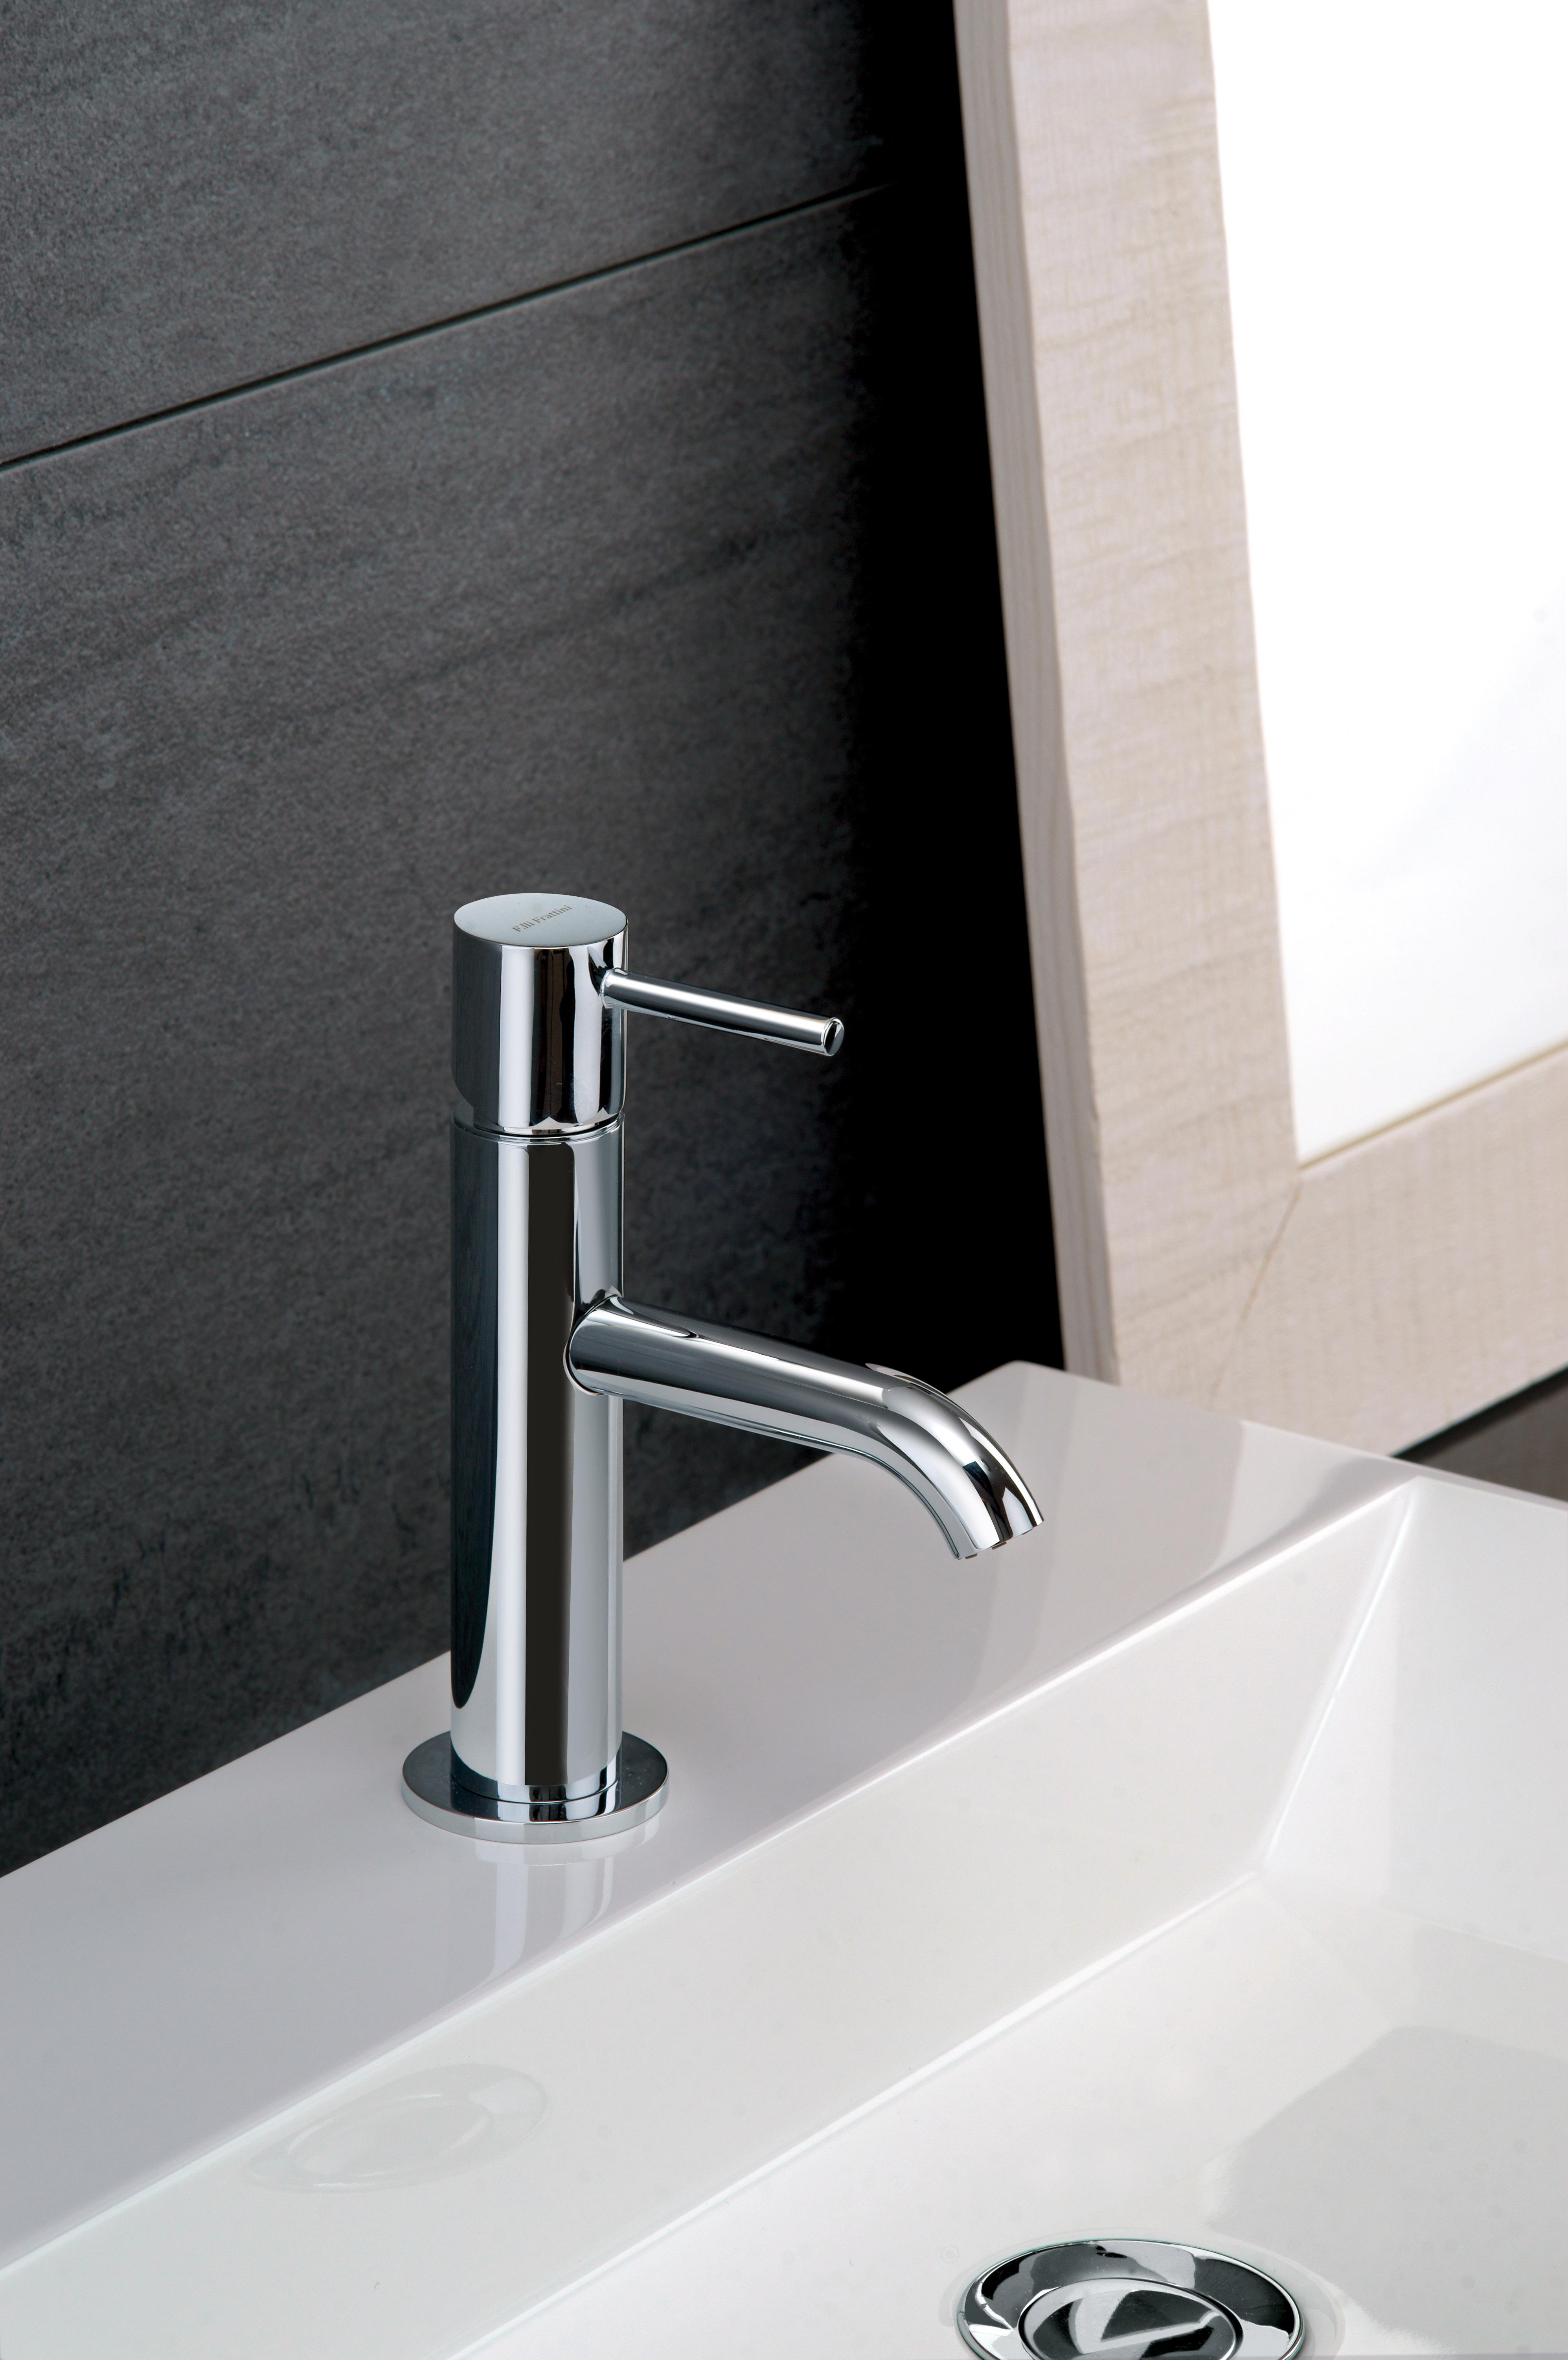 Salone del bagno 2014 le novit di rubinetterie fratelli for Rubinetteria fratelli frattini